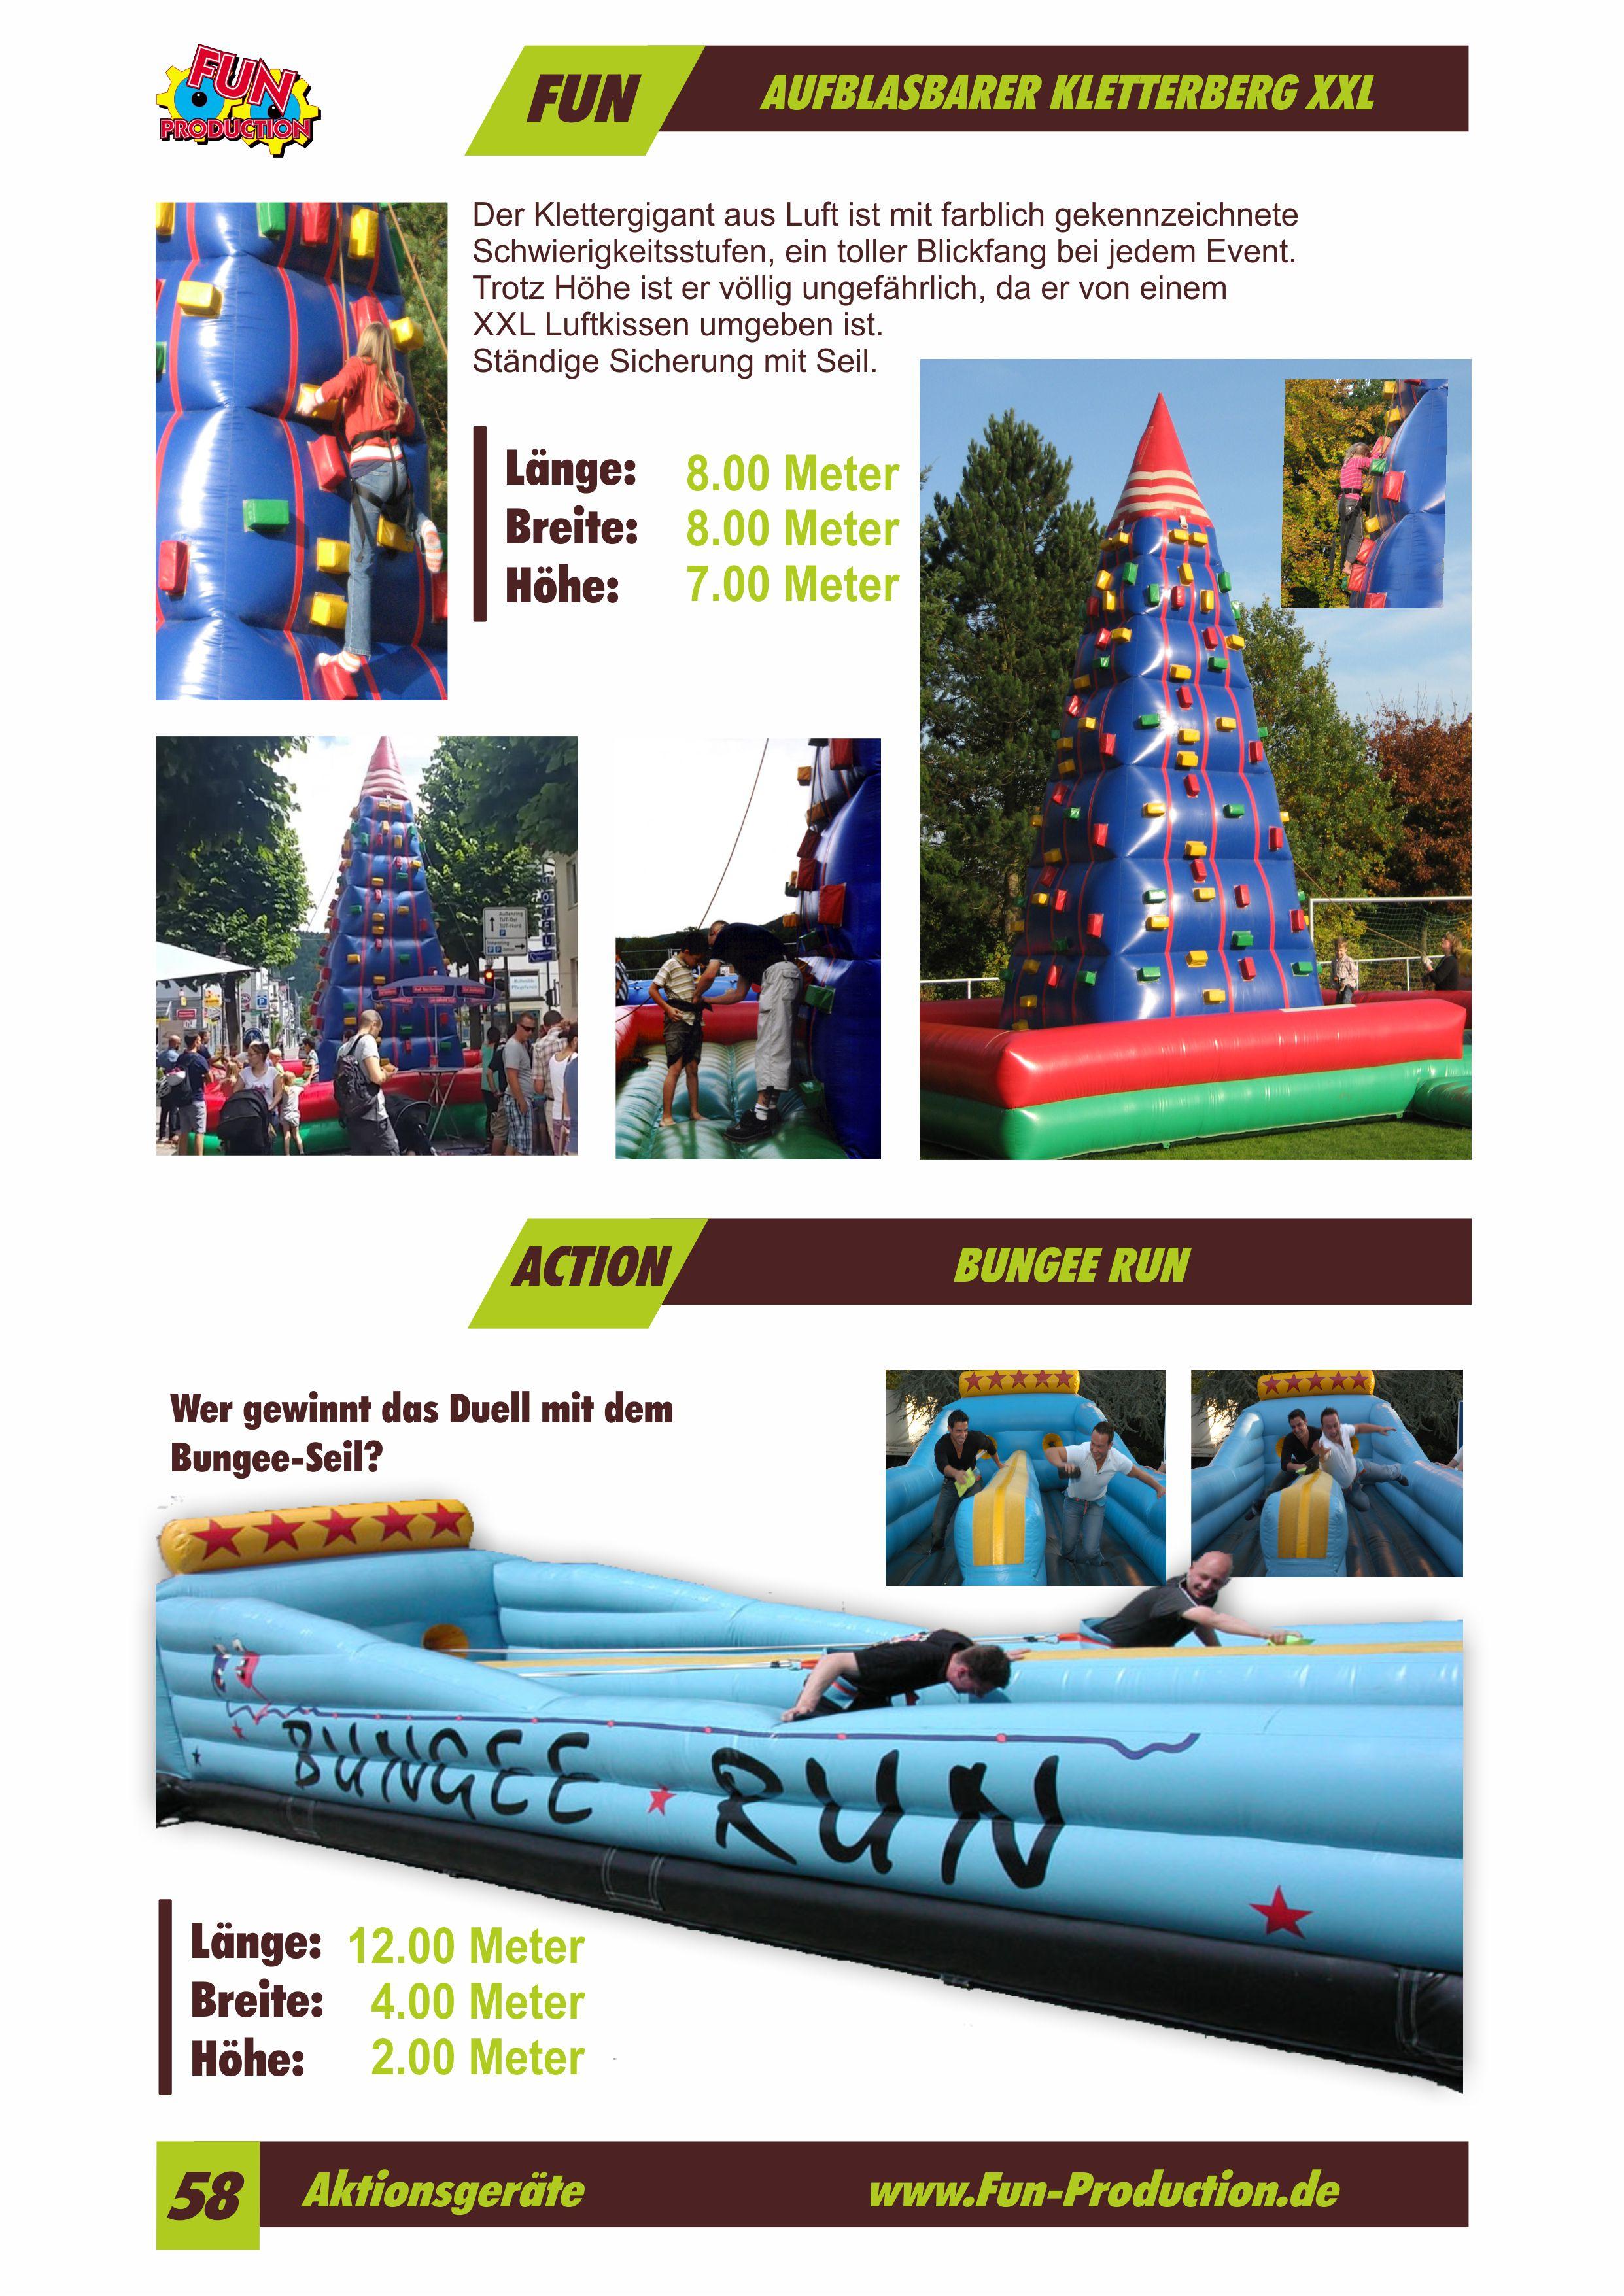 Air Kletterberg Bungee Run Fun Production GmbH